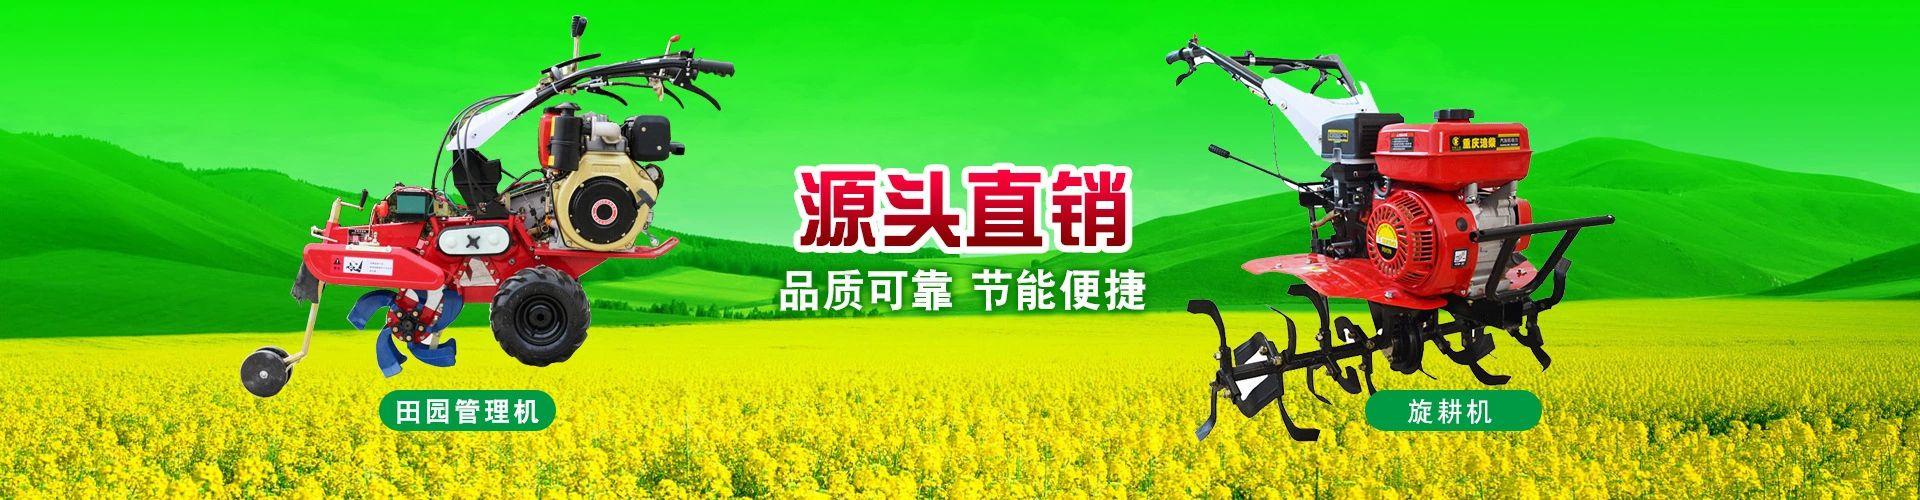 曲阜市乐农机械设备有限公司